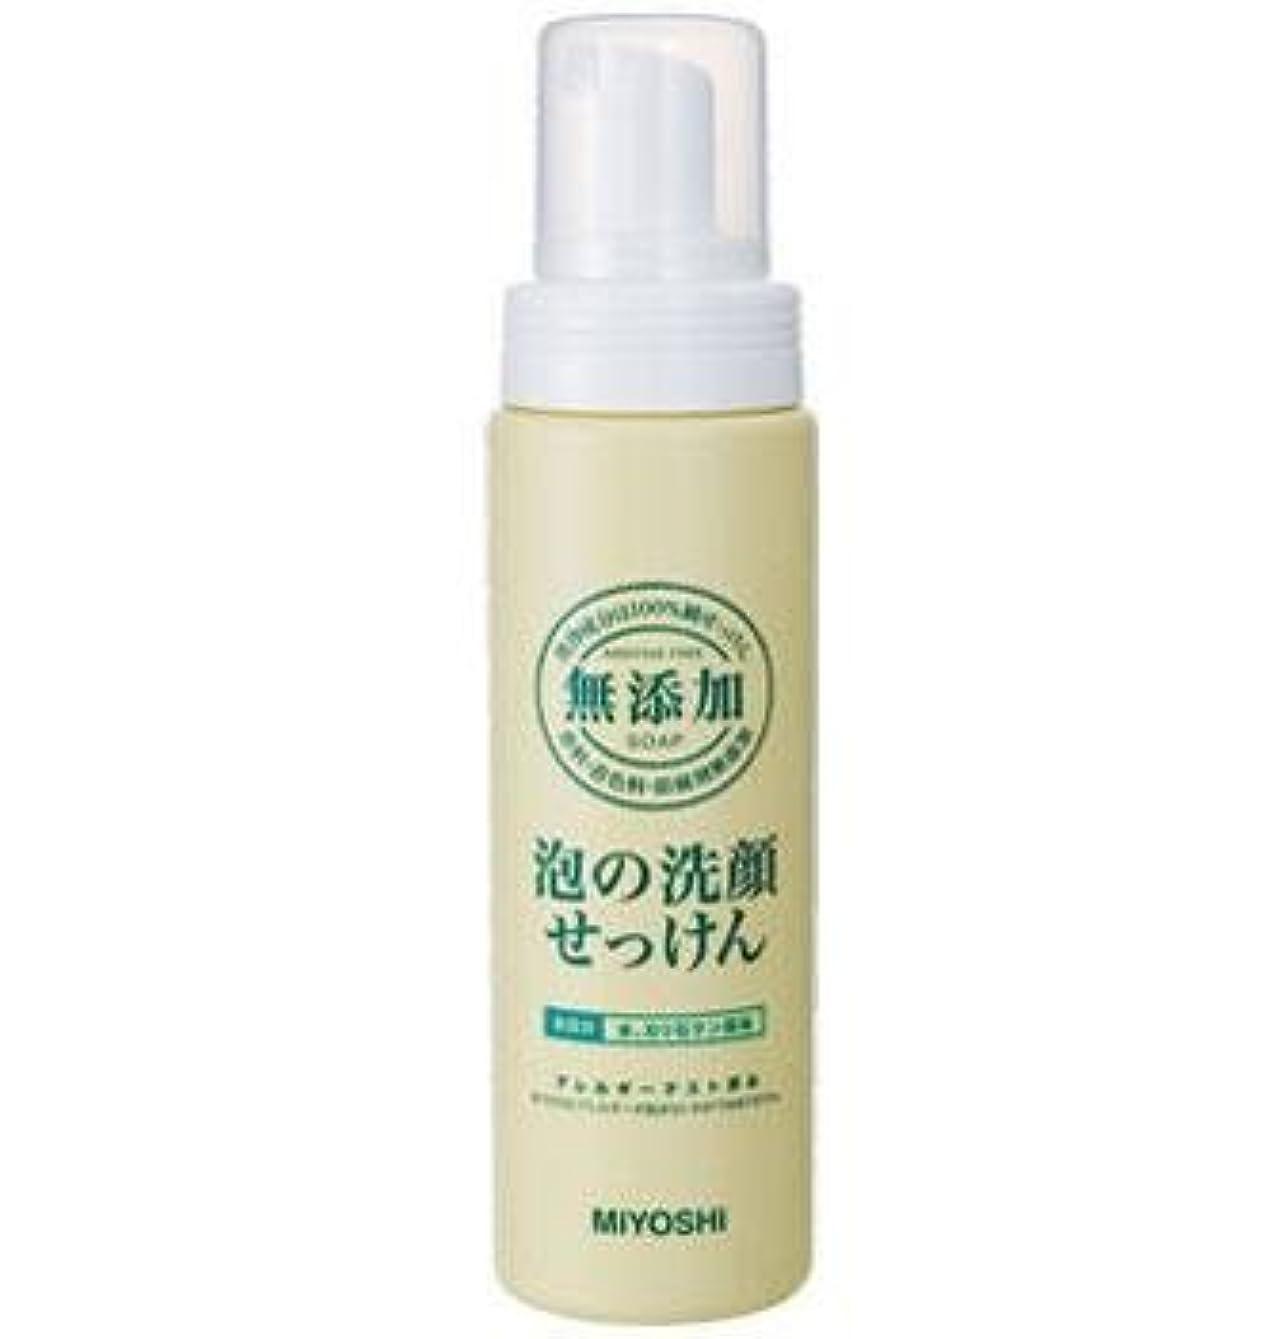 基礎理論飾るメロディーミヨシ石鹸 無添加 泡の洗顔せっけん ポンプ 200ml(無添加石鹸)×24点セット (4537130120019)